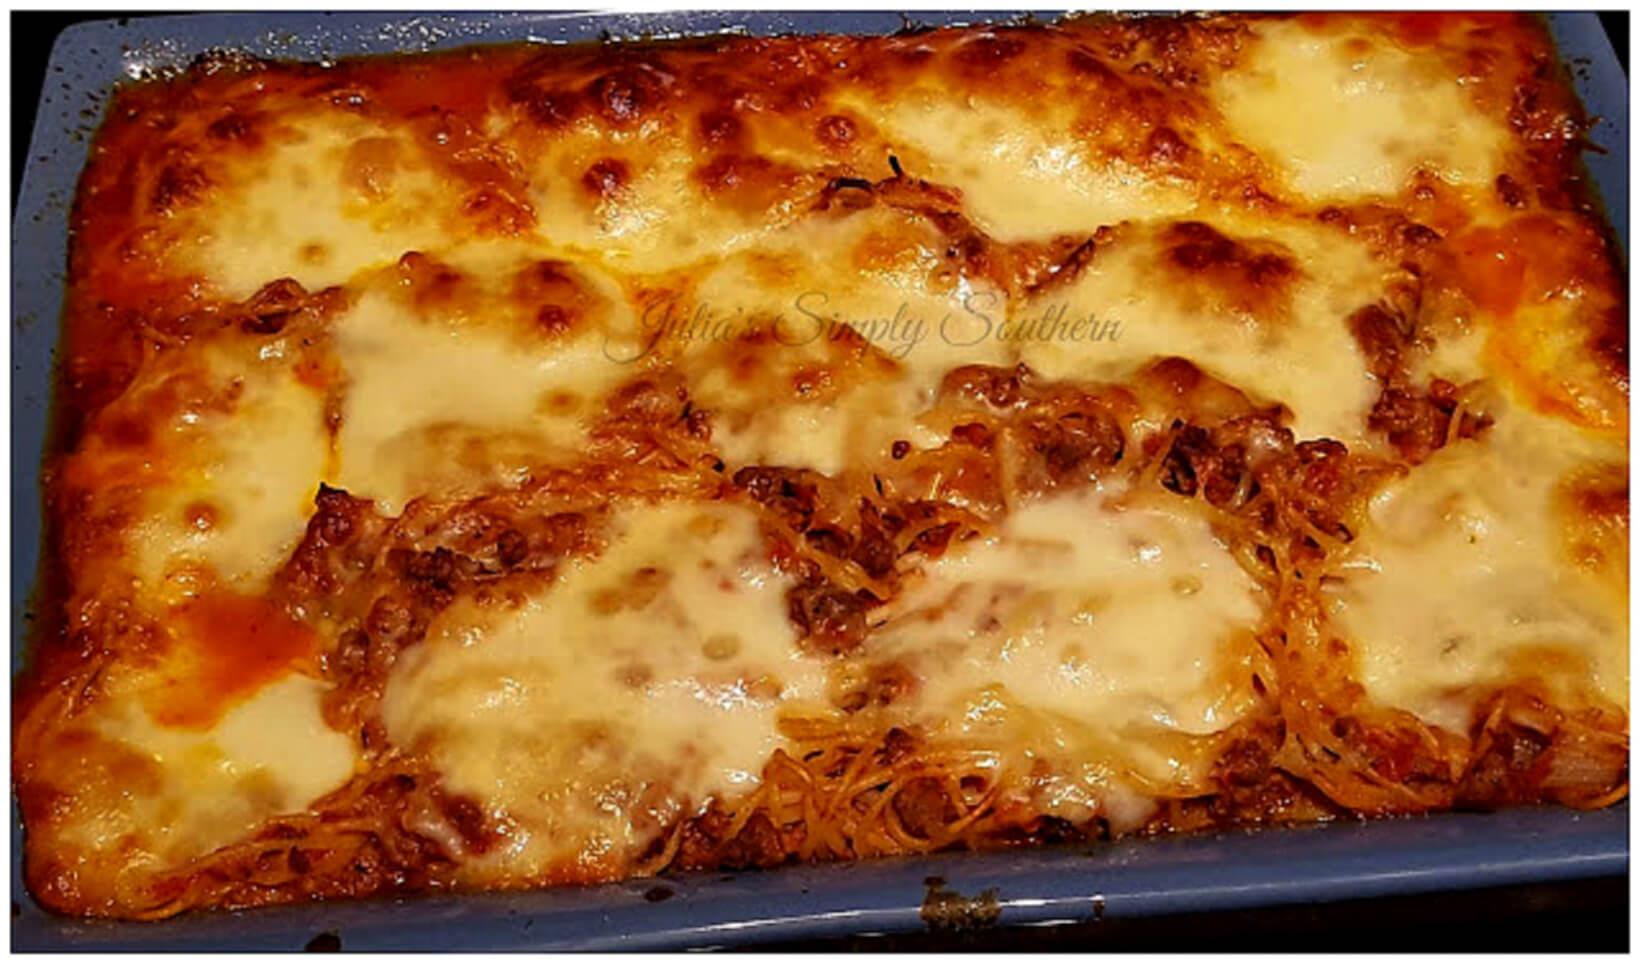 Baked Spaghetti with mozzarella